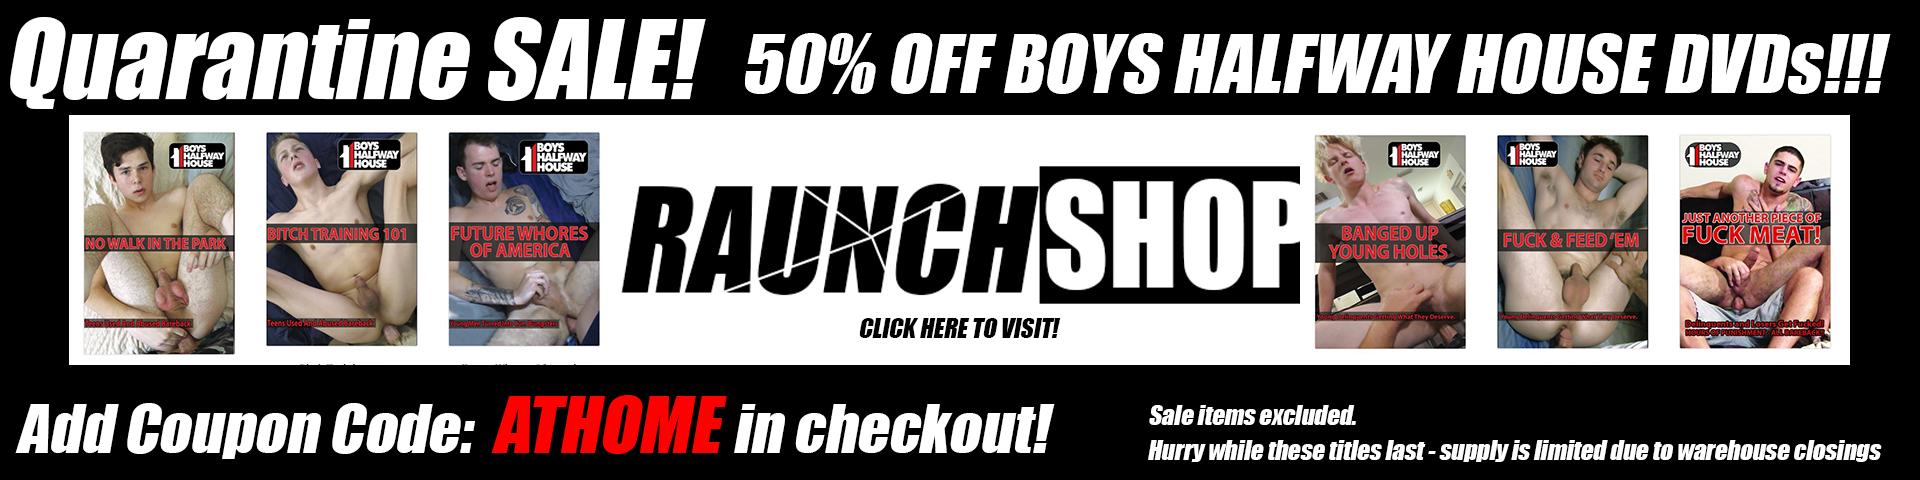 BoysHalfwayHouse.com Banner